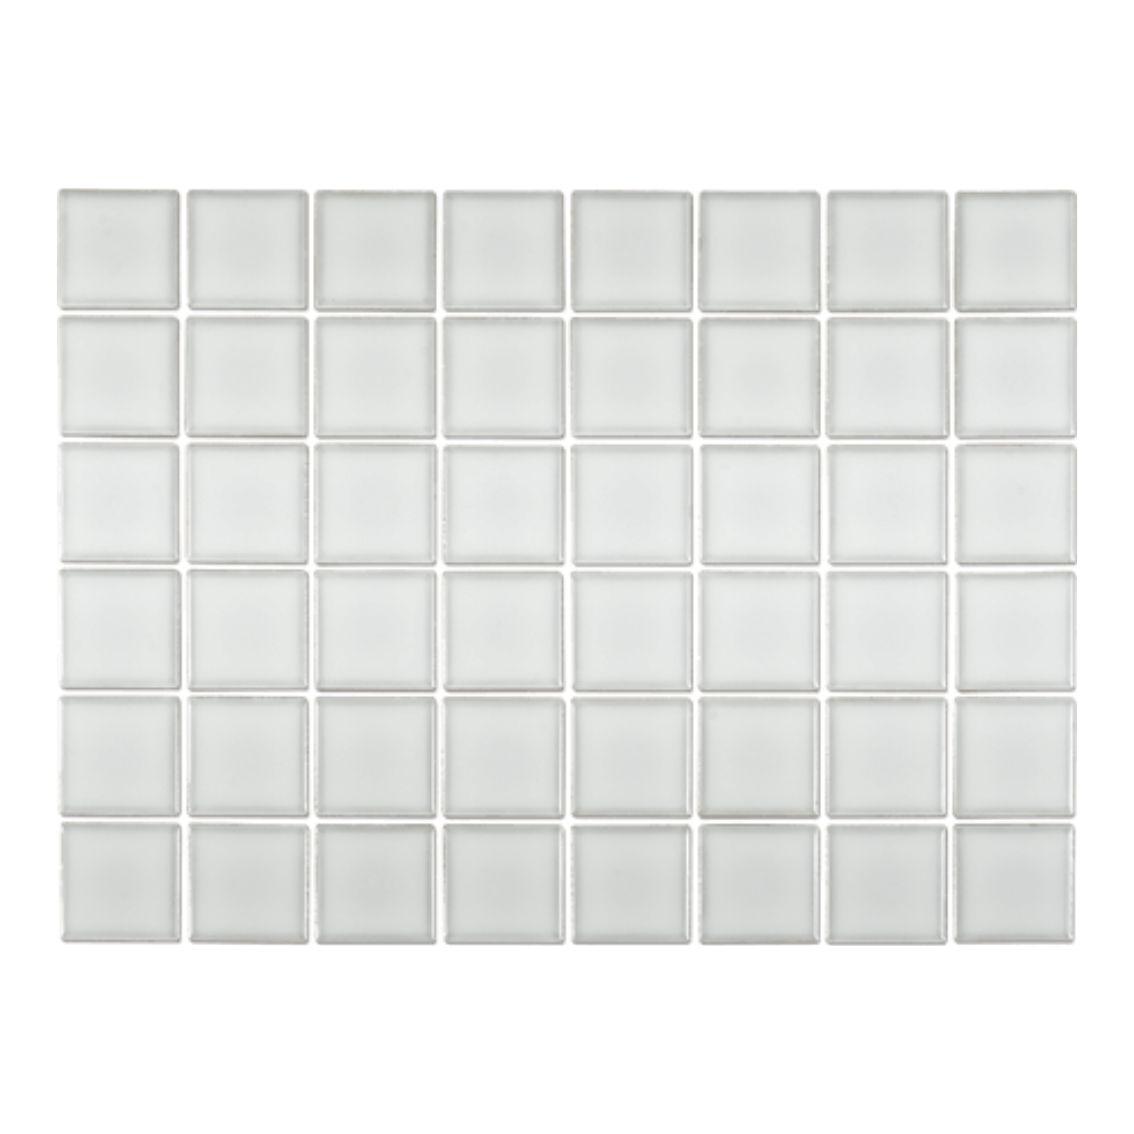 Pastilha Branco Araruama 5x5 cm <br /><b>R$ 118,00 M² </b><br />Cx 1,08 M² <b> R$ 127,44</b>